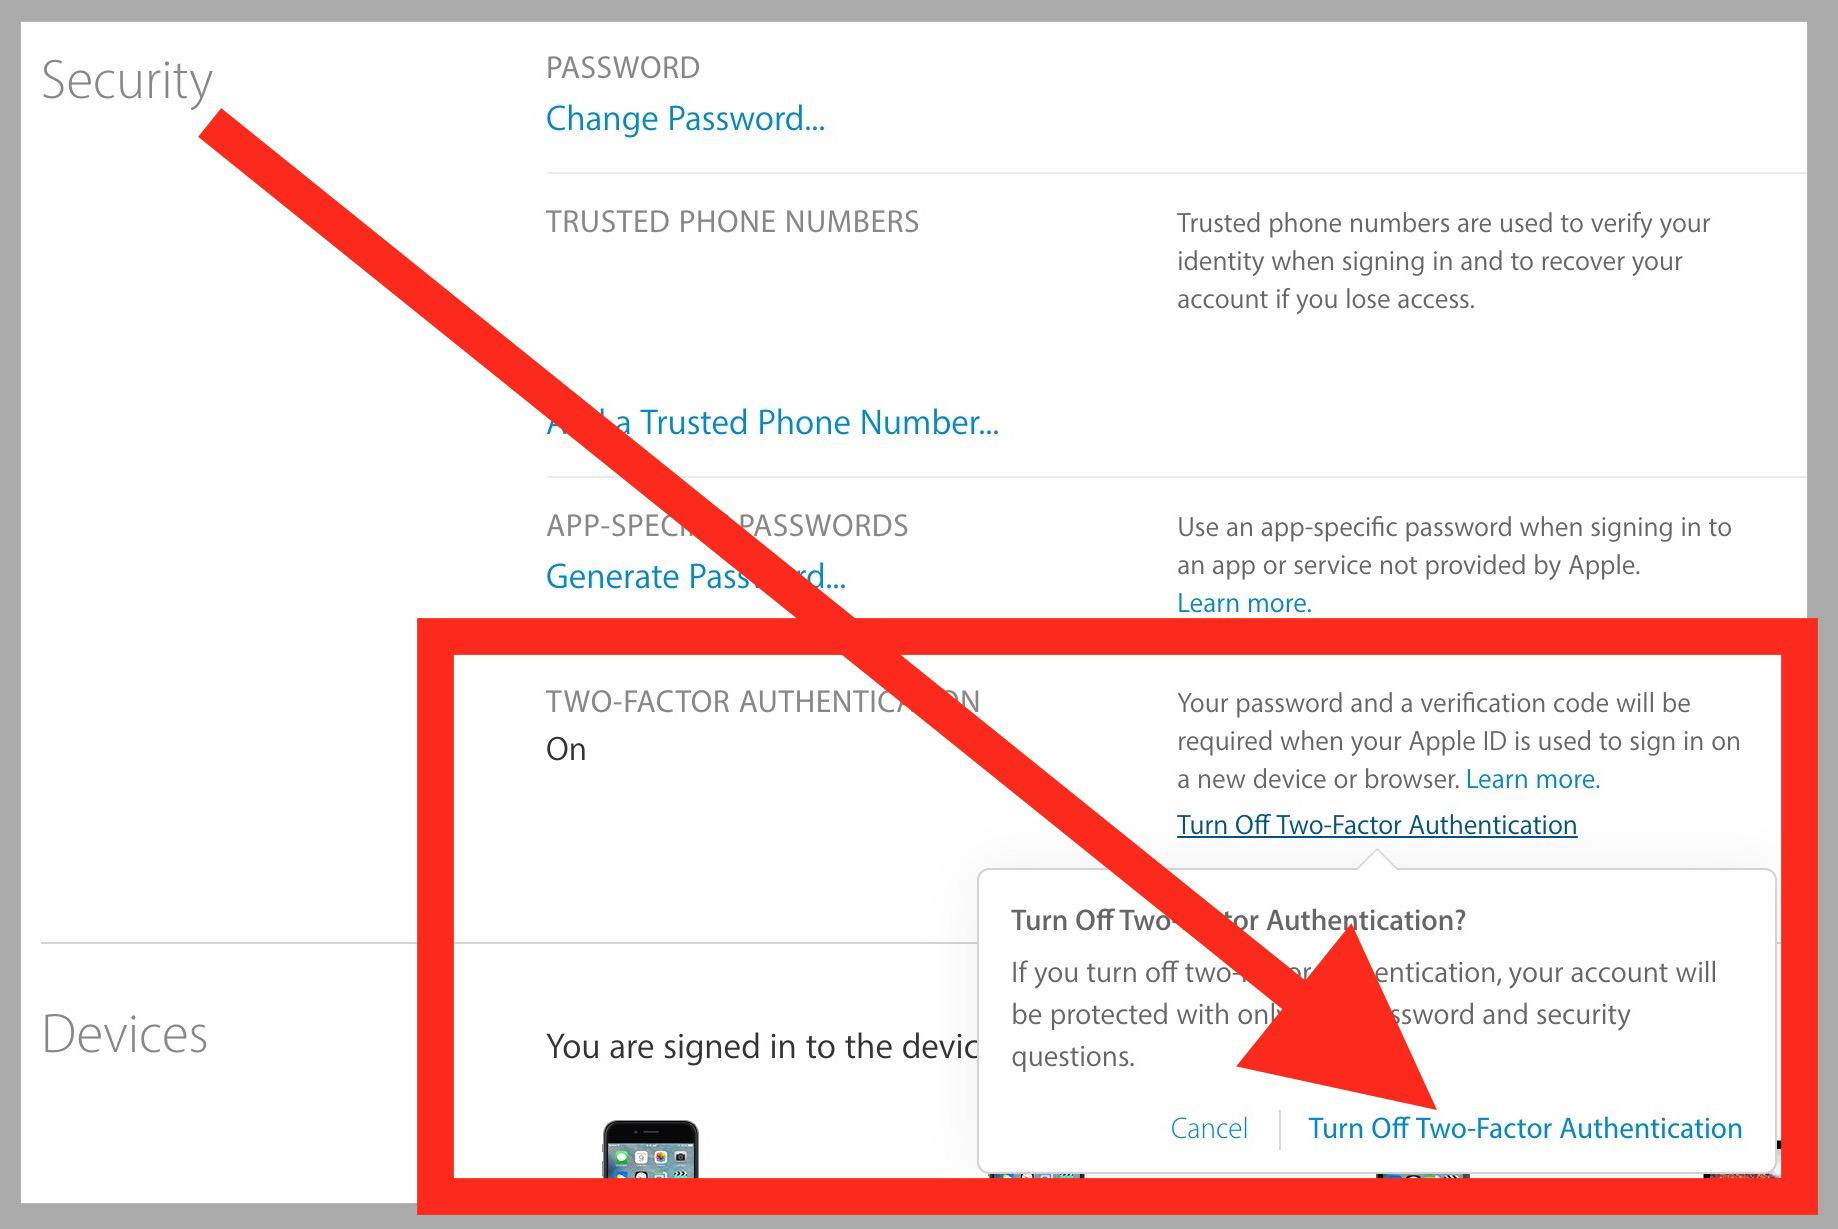 Disattiva l'autenticazione a due fattori per l'ID Apple